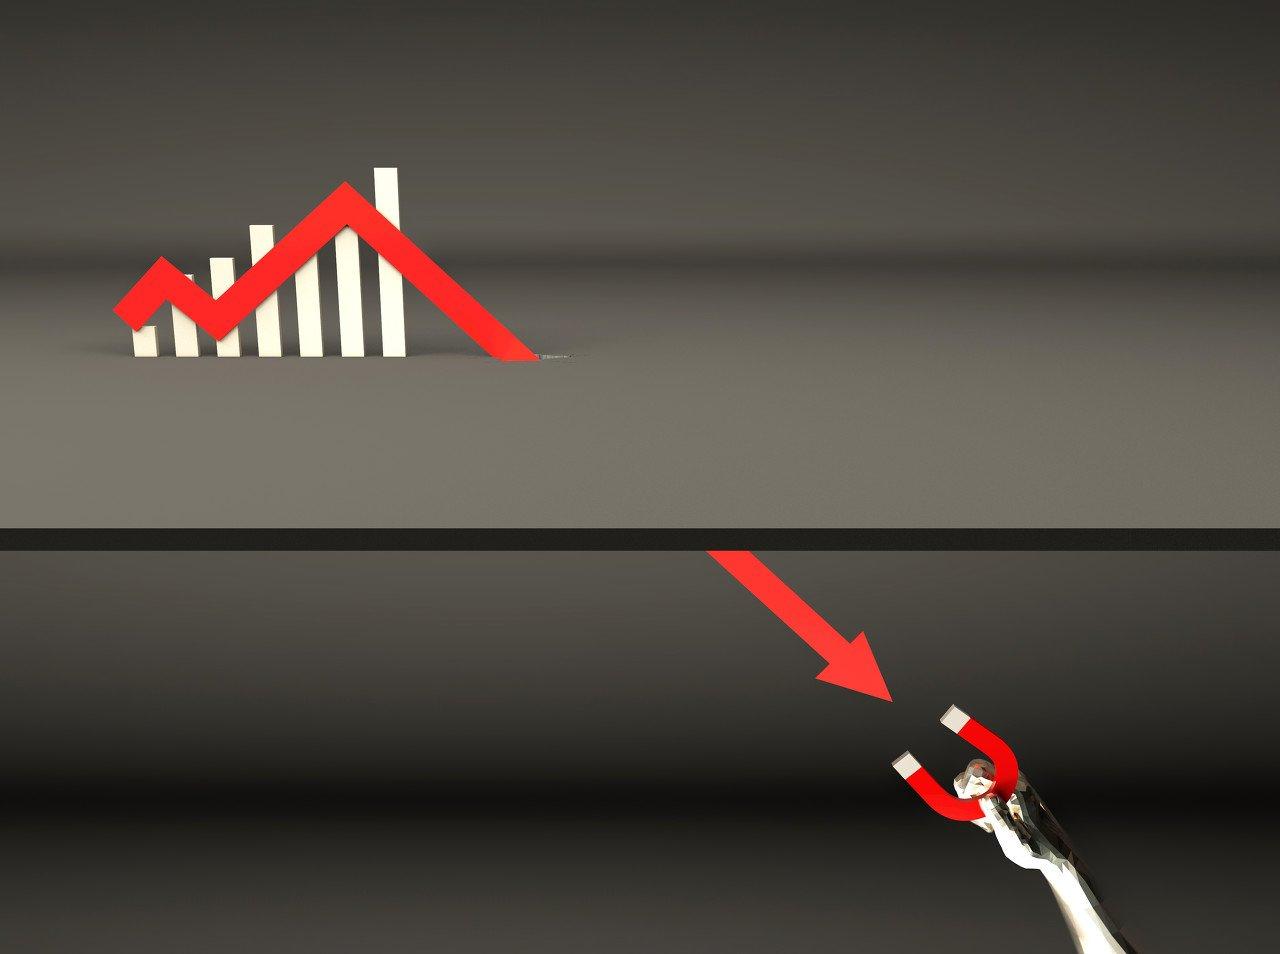 4万多股东焦虑!龙头股天天大涨,这只个股却连续6个跌停